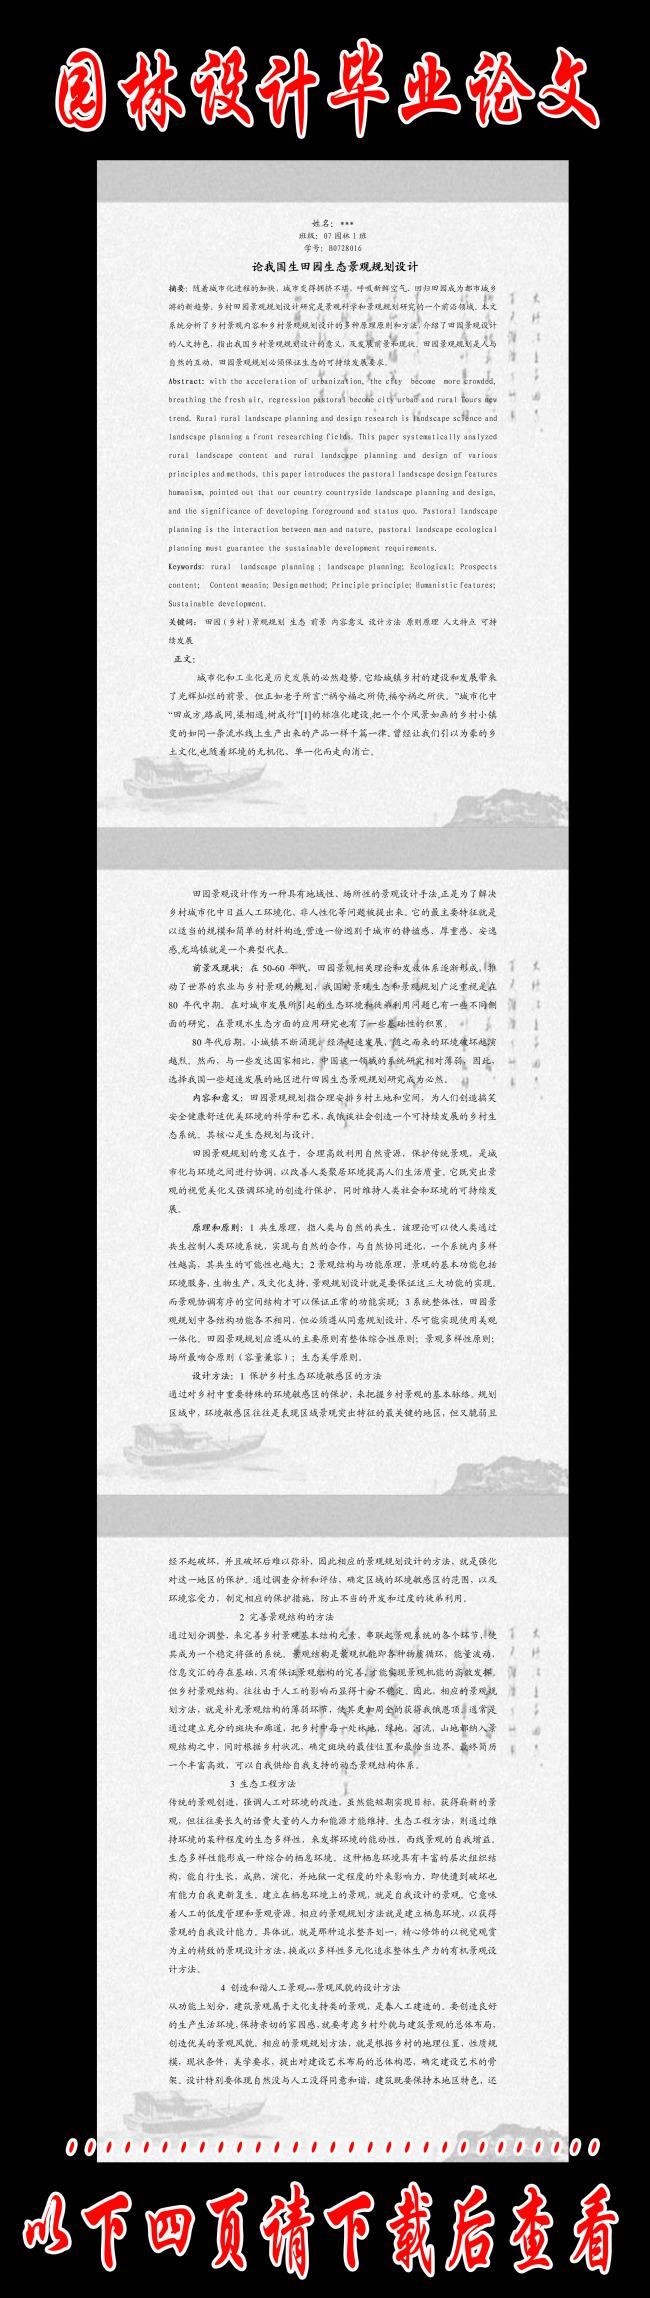 园林设计论文word模版